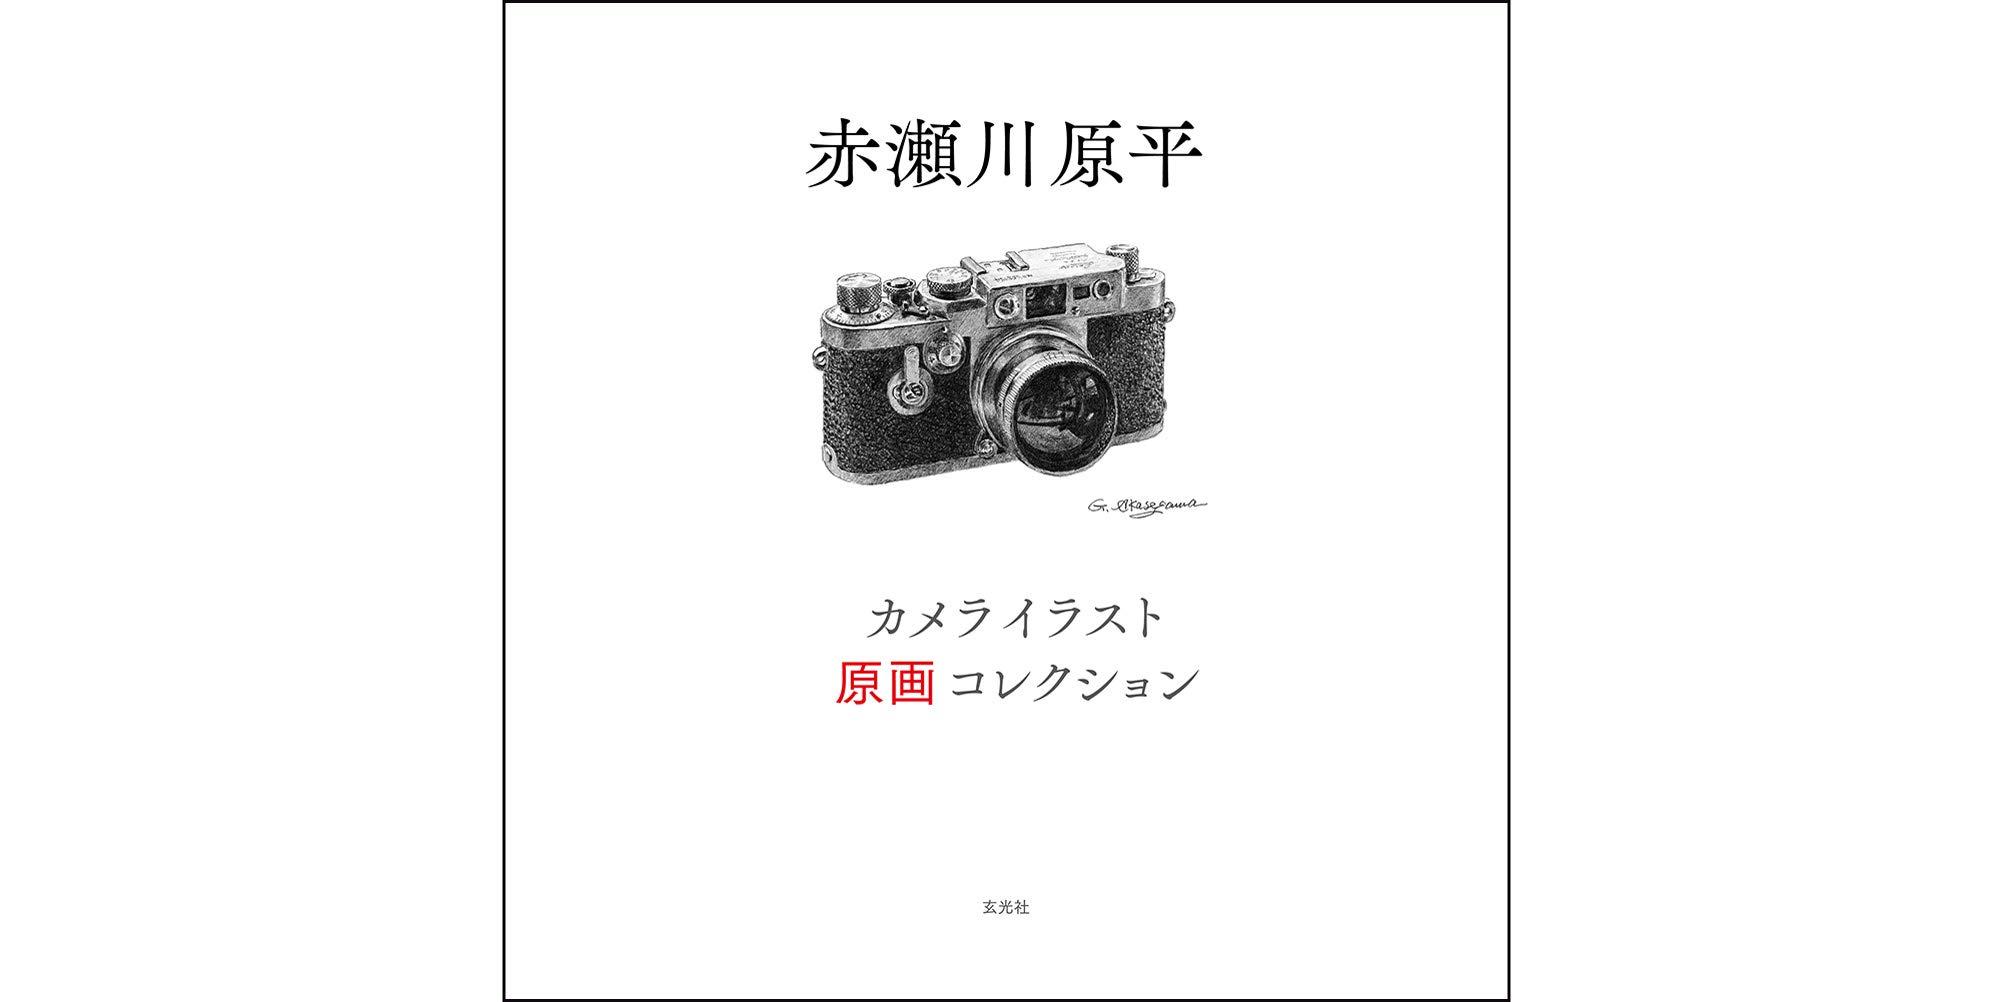 赤瀬川原平 カメライラスト原画コレクション 赤瀬川原平 本 通販